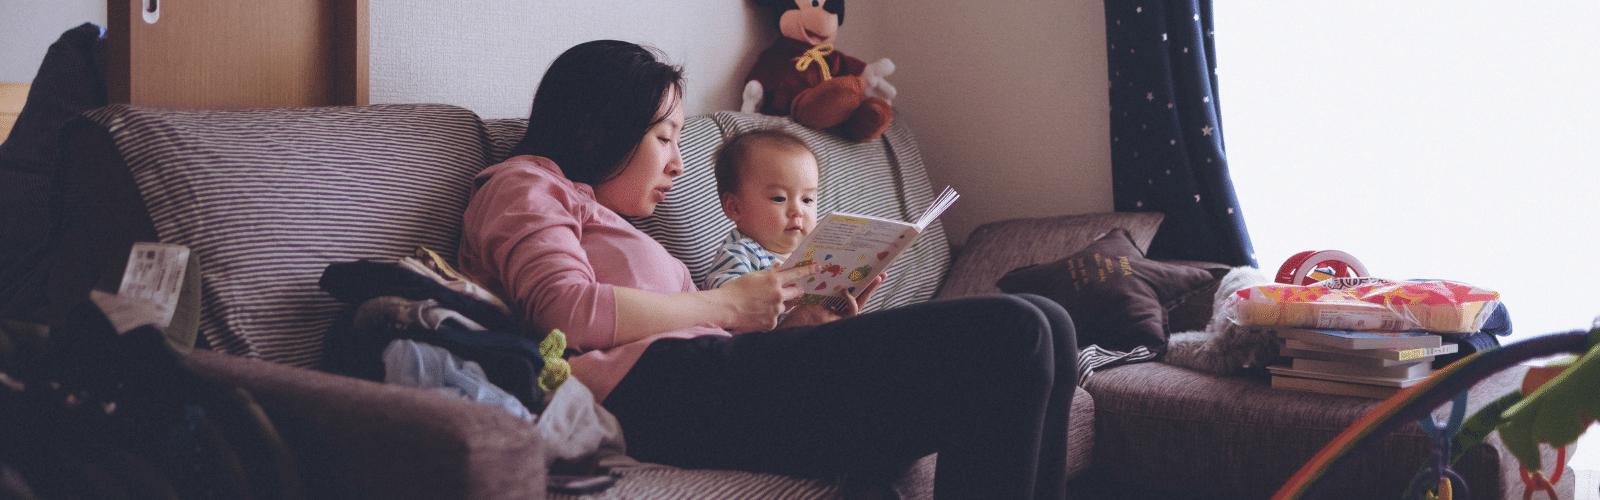 Imagier Montessori : pourquoi y adhérer et lequel choisir ?